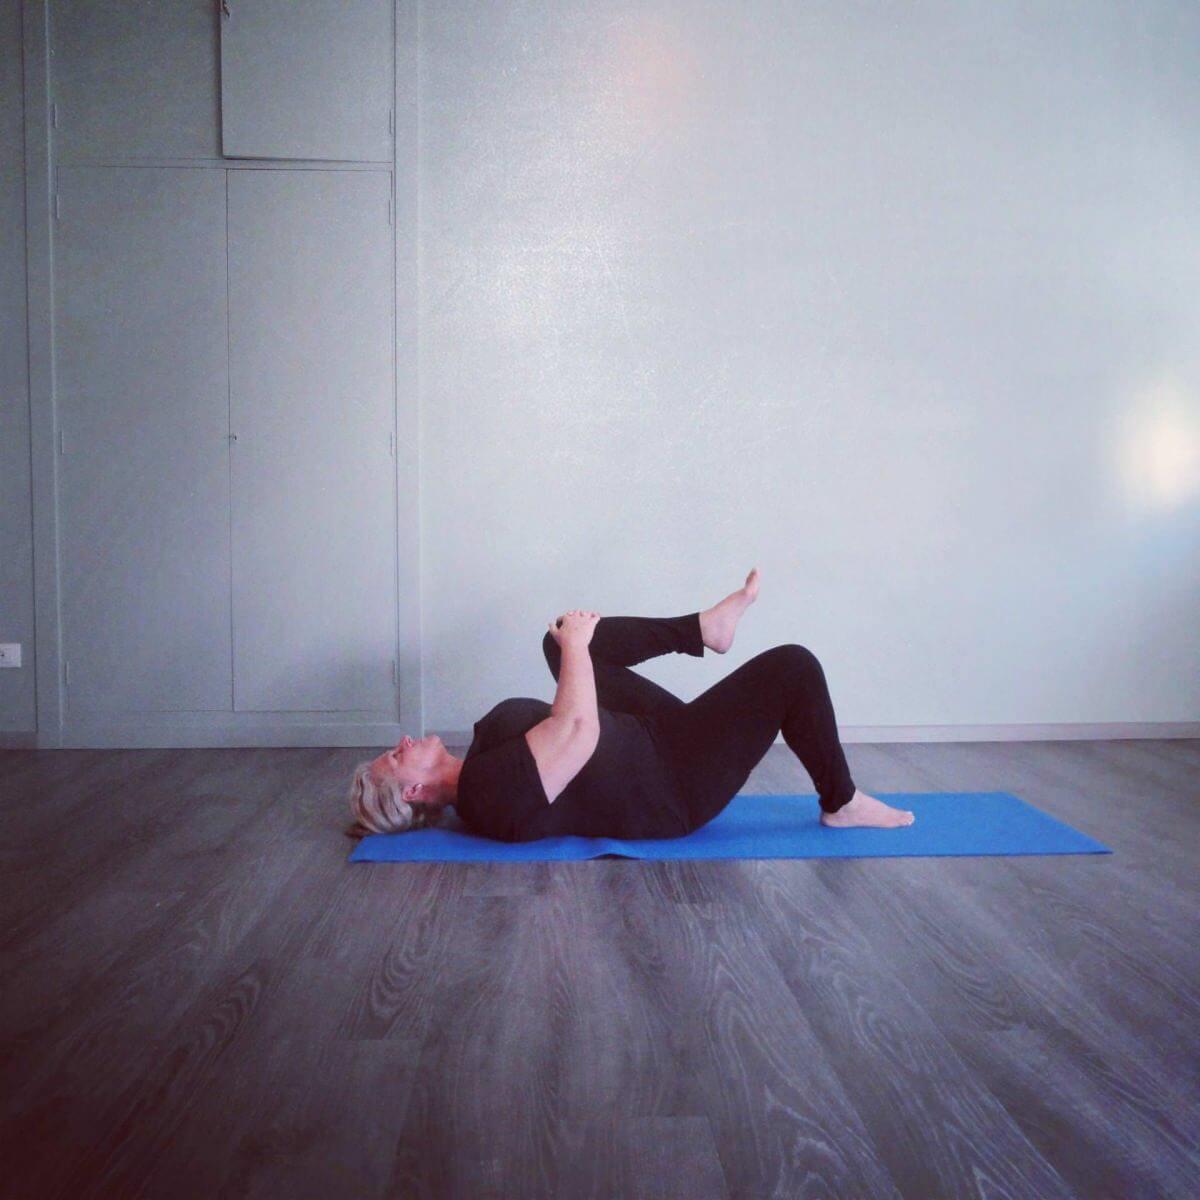 yoga per la schiena - Devanagari - Centro Yoga Aosta